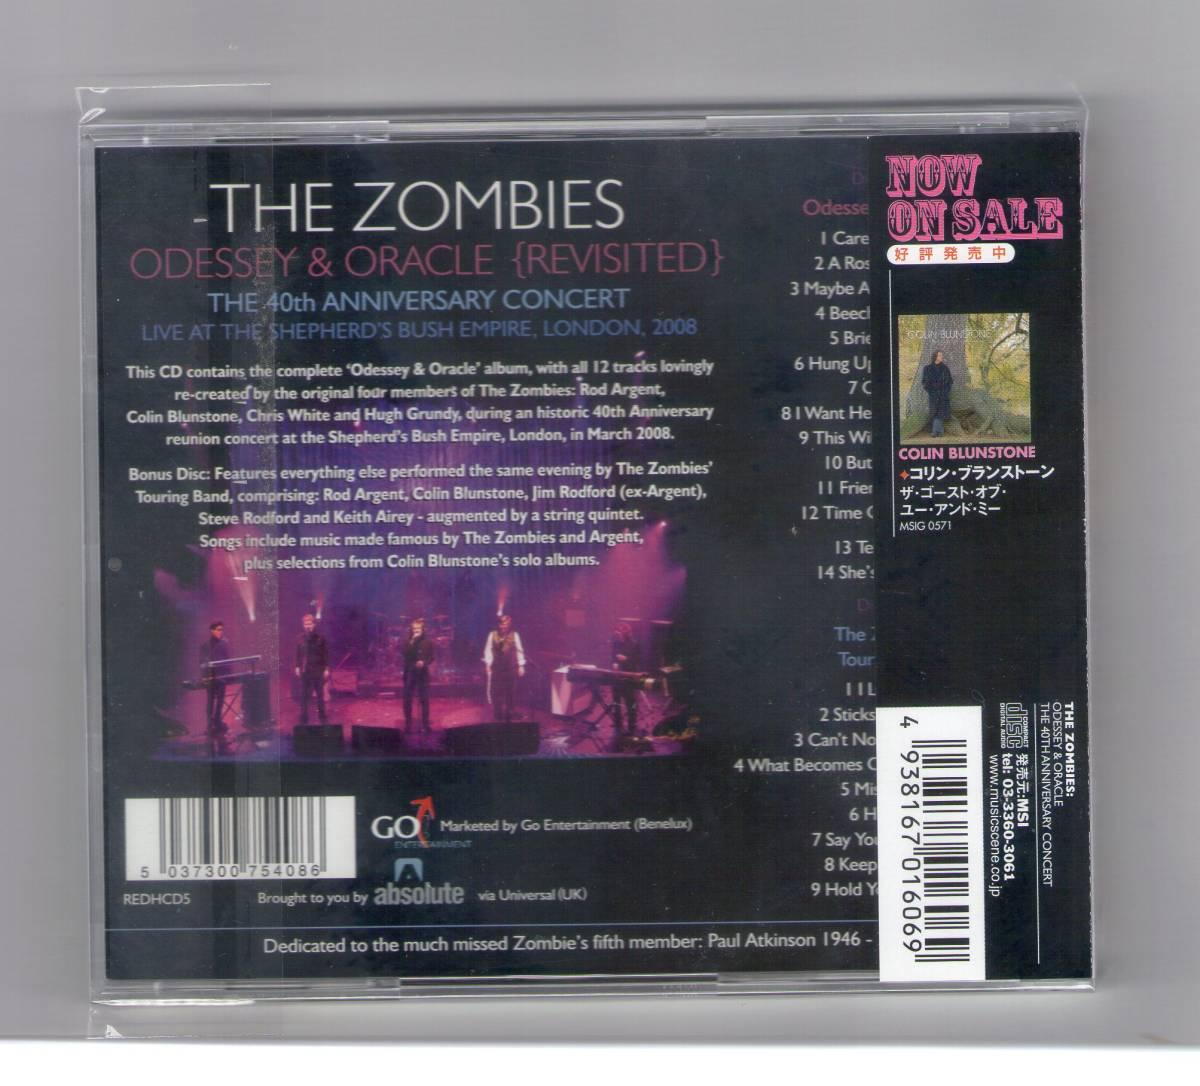 ザ・ゾンビーズ the zombies / オデッセイ&オラクル40周年コンサート 60年代英国音楽の金字塔 解説付 2枚組 1,700円即決 新品同様_画像2